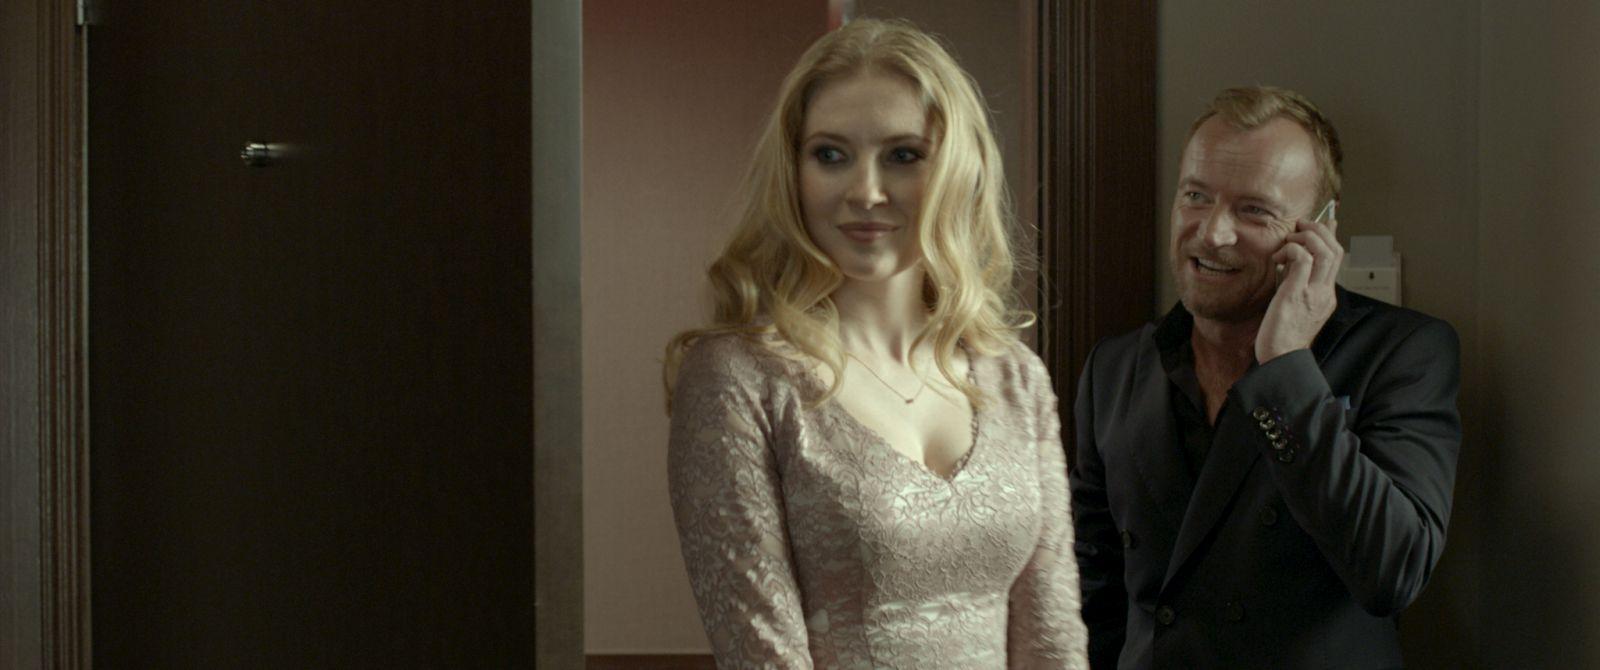 11 Minutes: Richard Dormer e Paulina Chapko in un'immagine del film